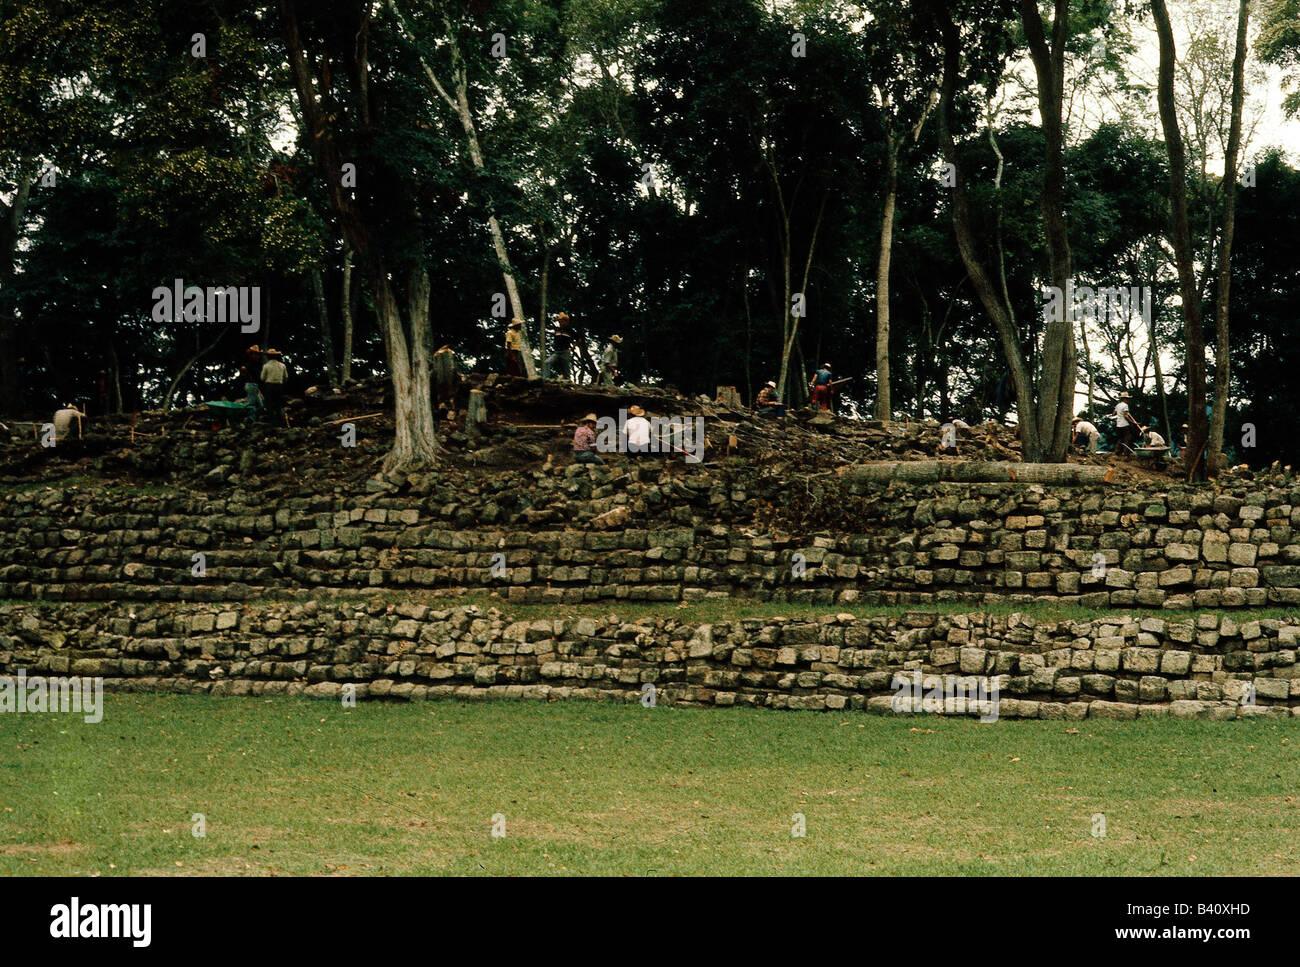 geographie reisen honduras copan maya stadt um 1000 v chr 9 jahrhundert ad terrassen. Black Bedroom Furniture Sets. Home Design Ideas